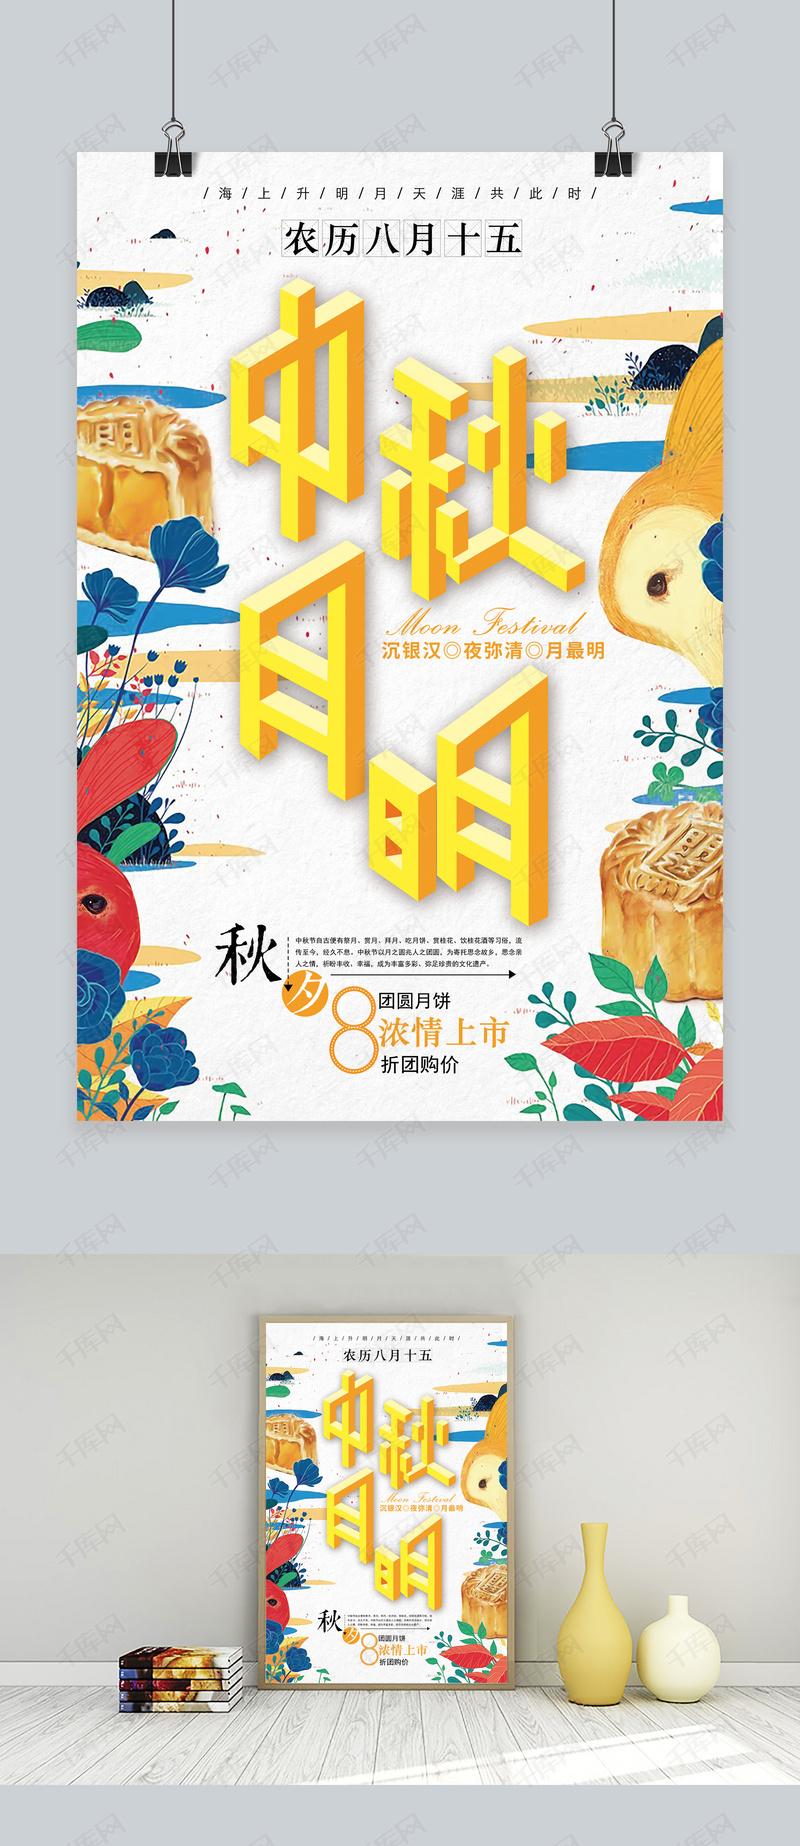 手绘风中秋节宣传海报模板下载 千库网 图片id4793985图片